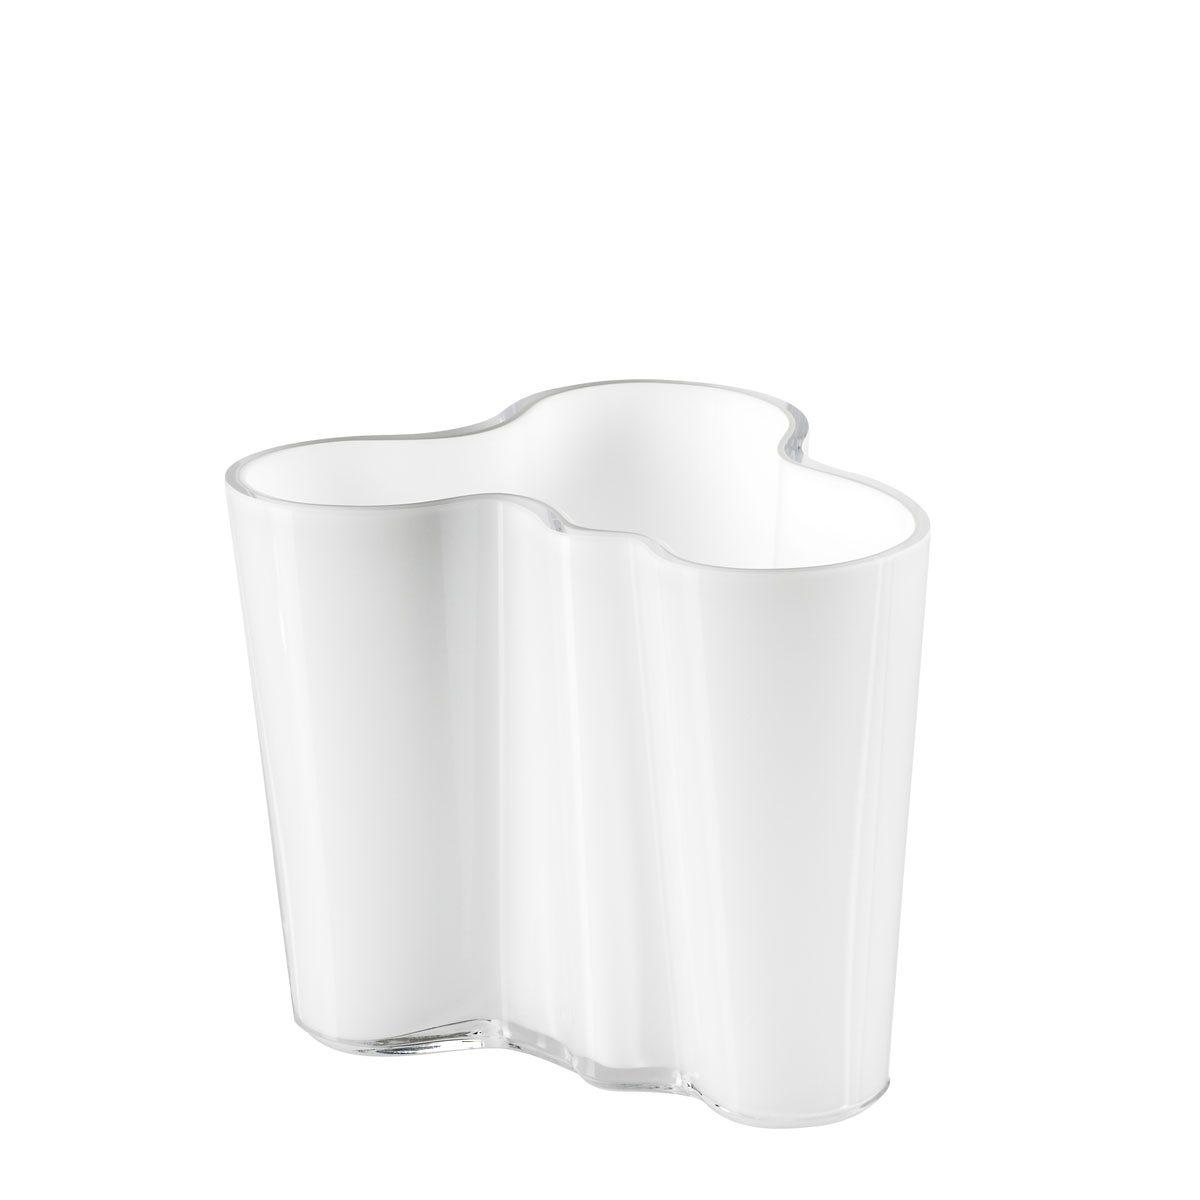 IITTALA Iittala AALTO Vase opalweiß 9.5cm